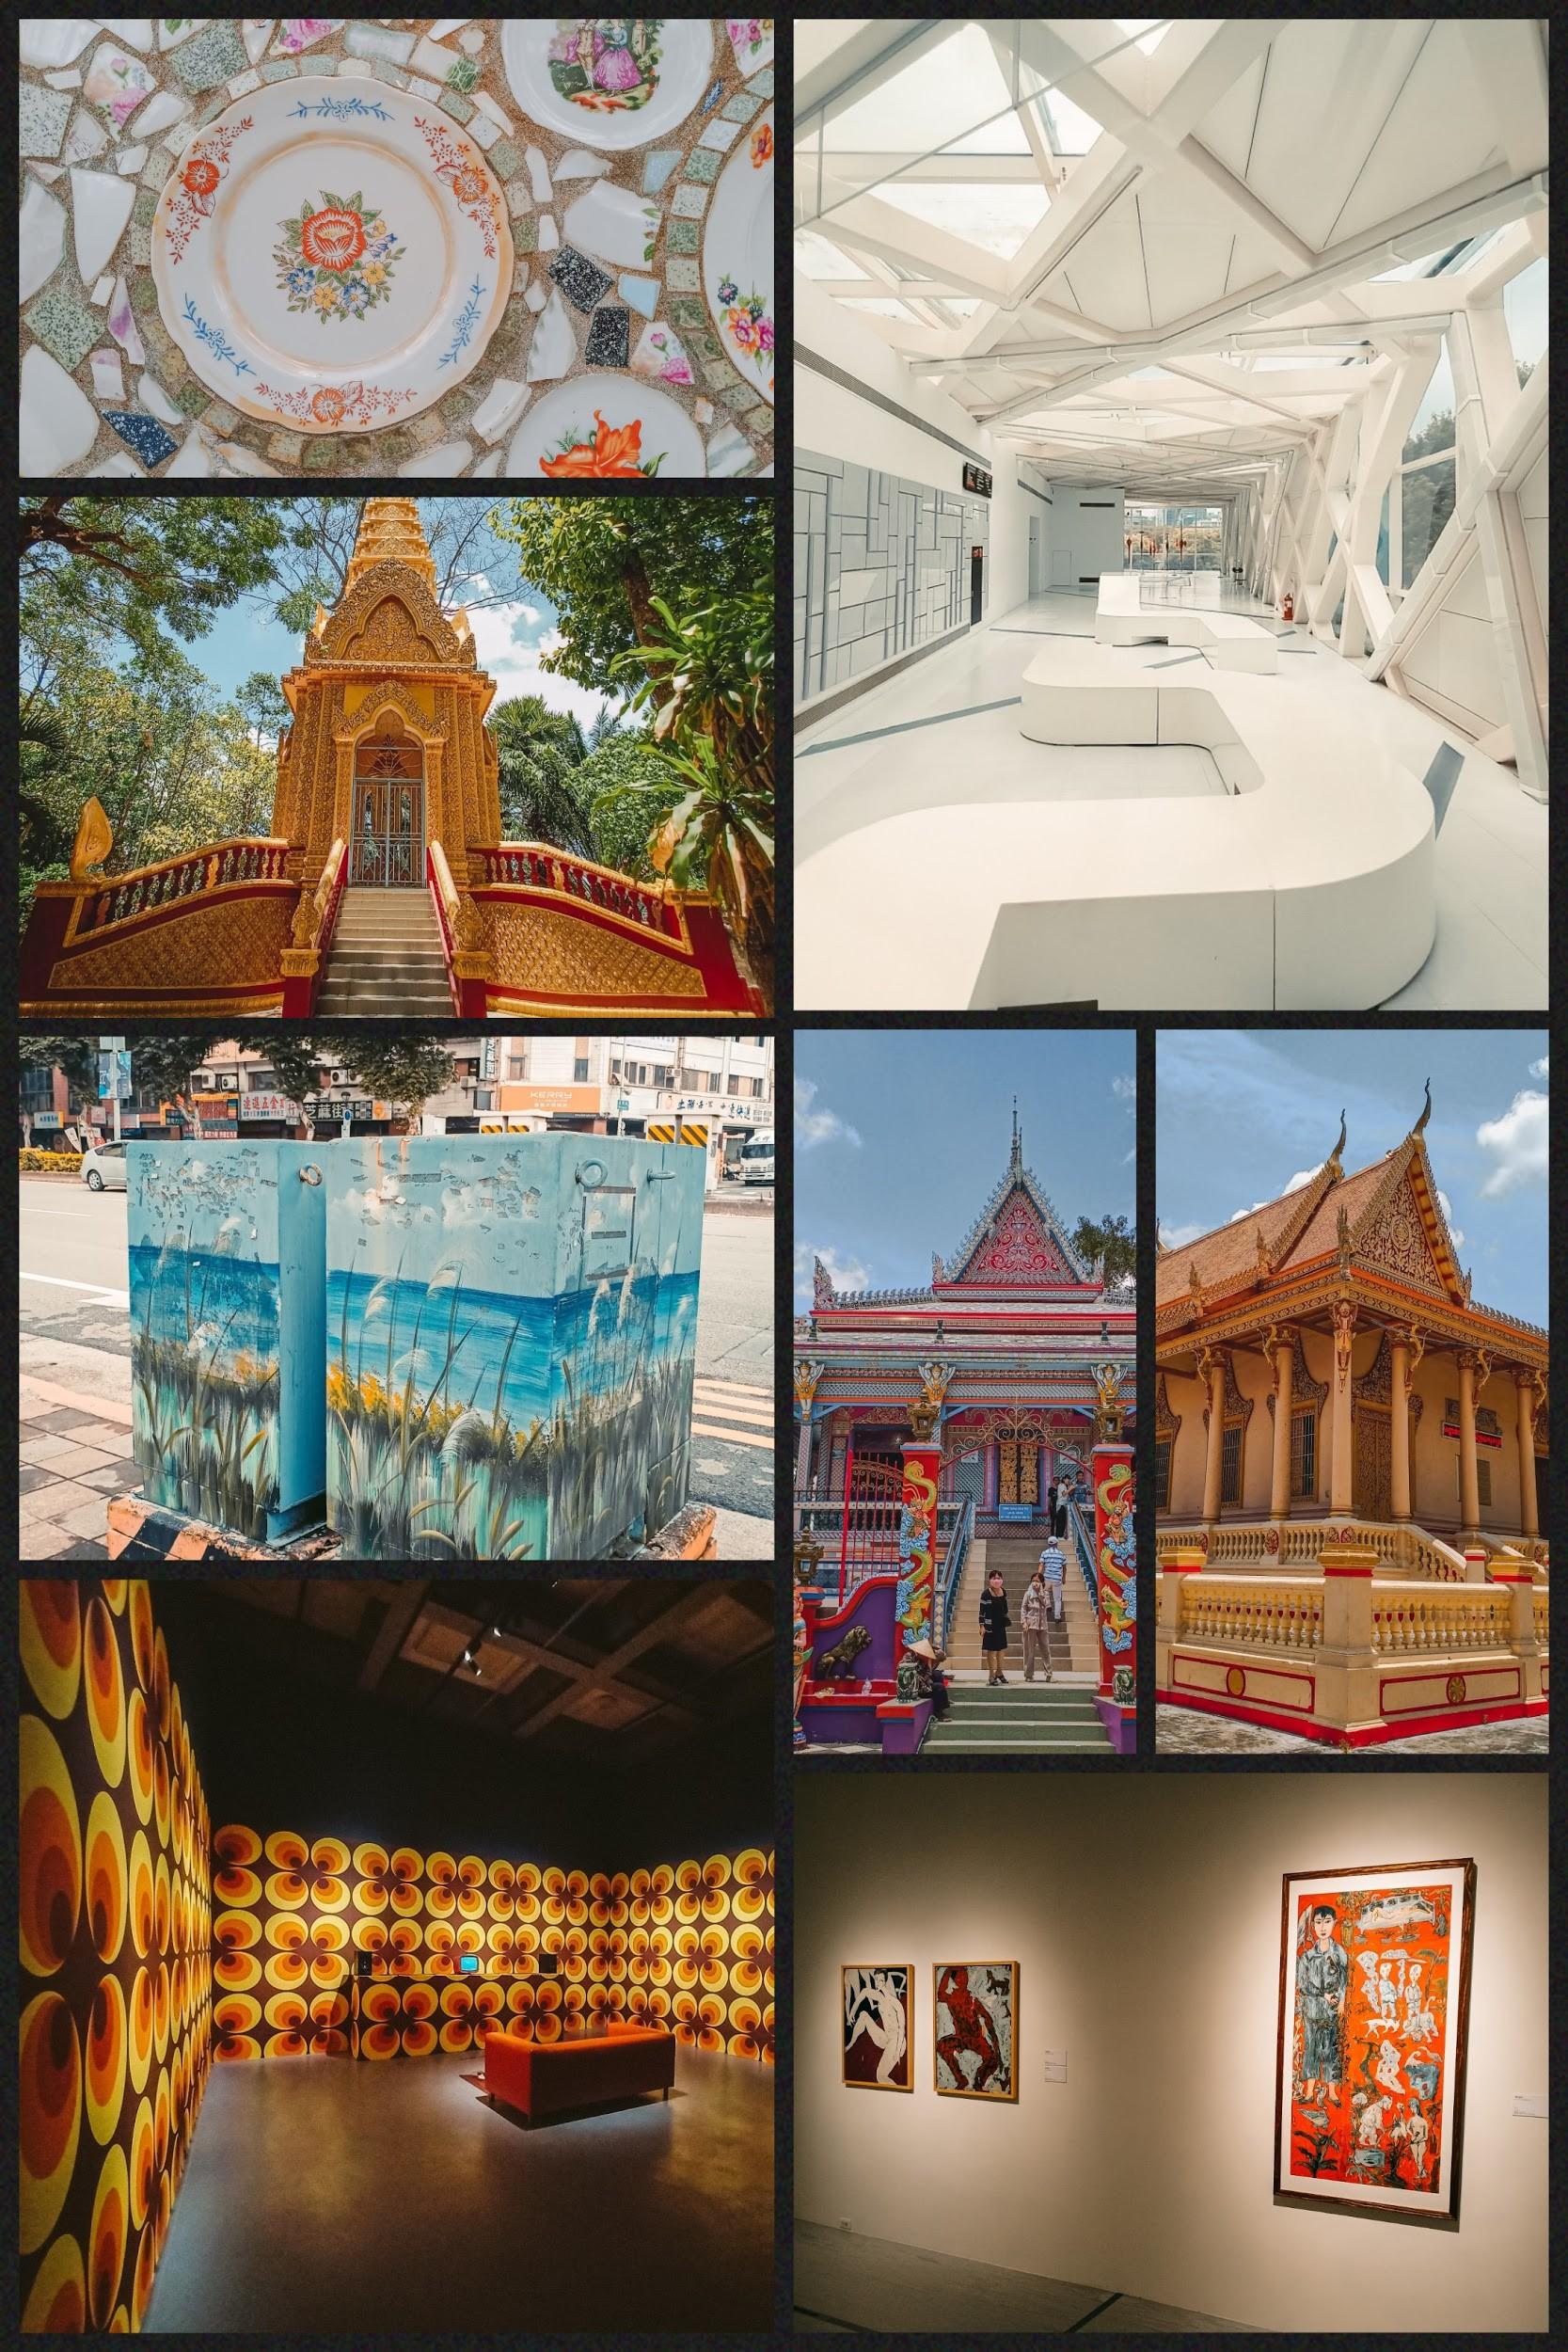 Ngắm bộ ảnh du lịch chào hè được chụp bằng smartphone đẹp mê mẩn của Lý Thành Cơ - Ảnh 2.